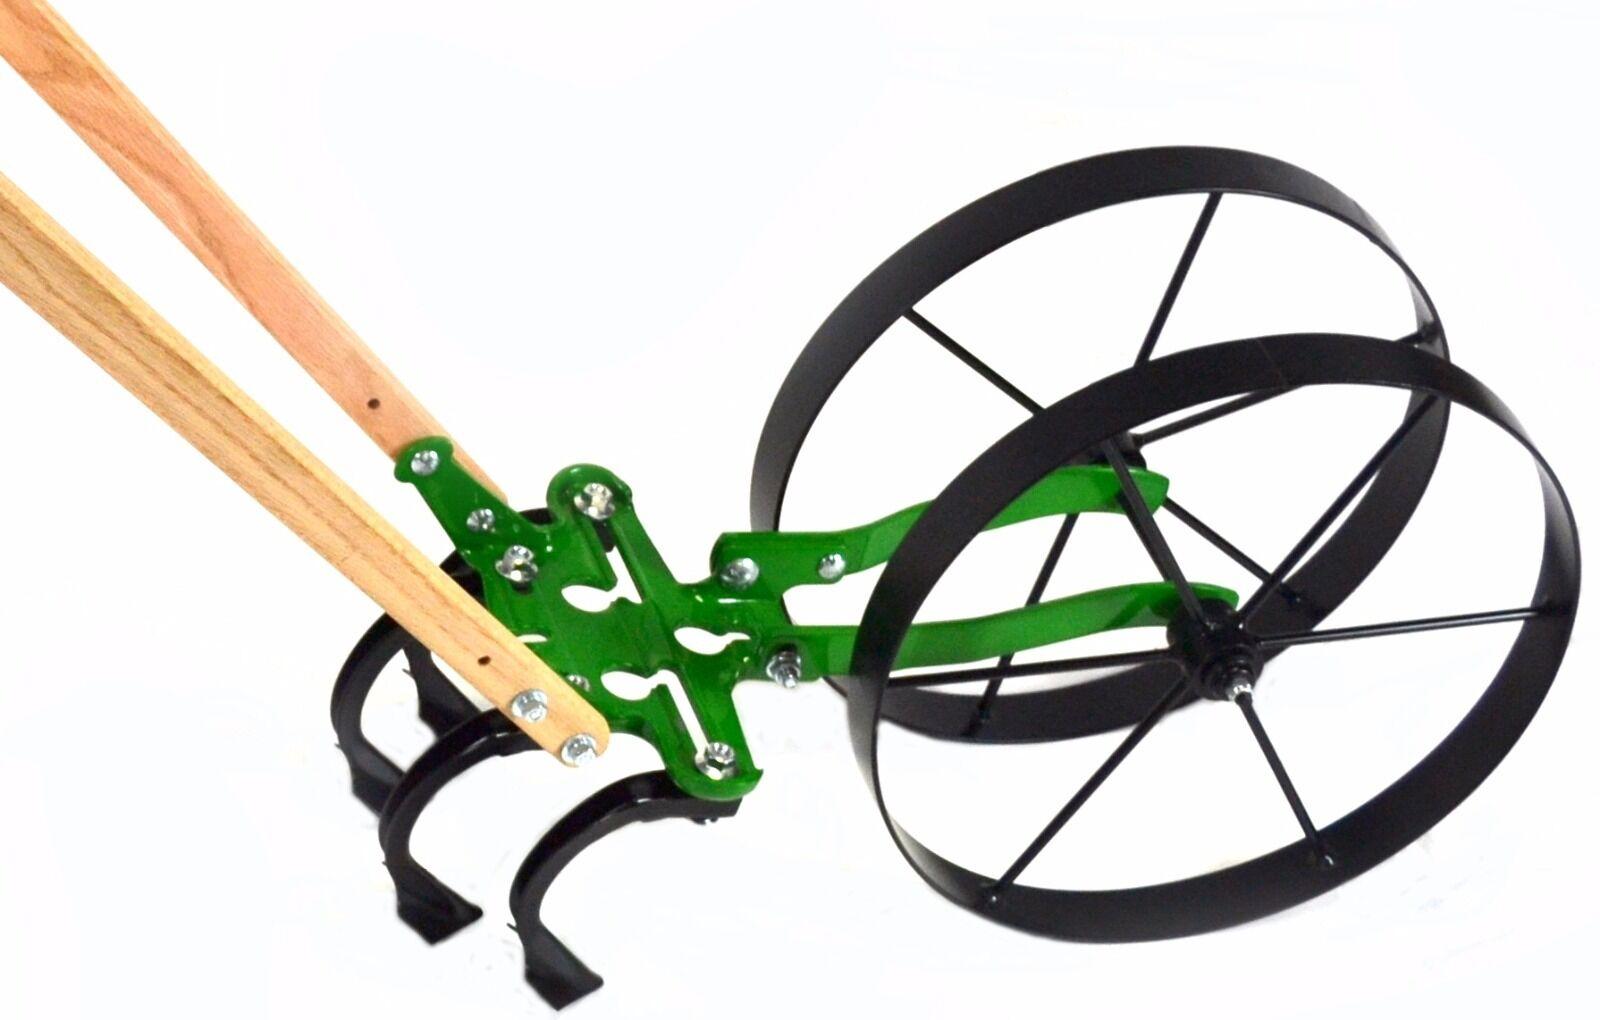 Radhacke  doppelt   double wheel hoe Hoss wheelhoe hacke